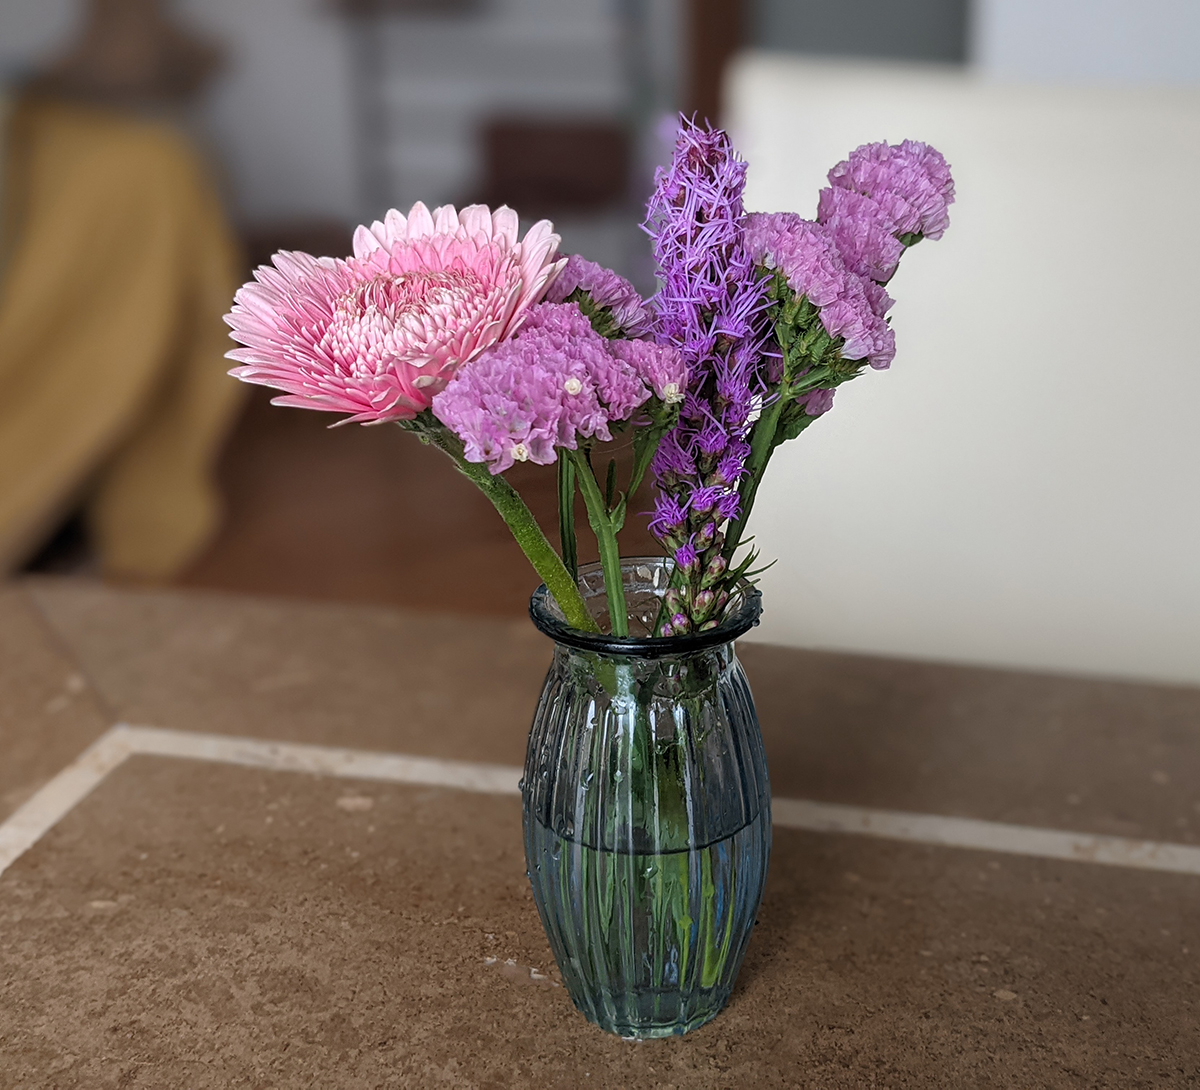 ブルーミー体験プランの花